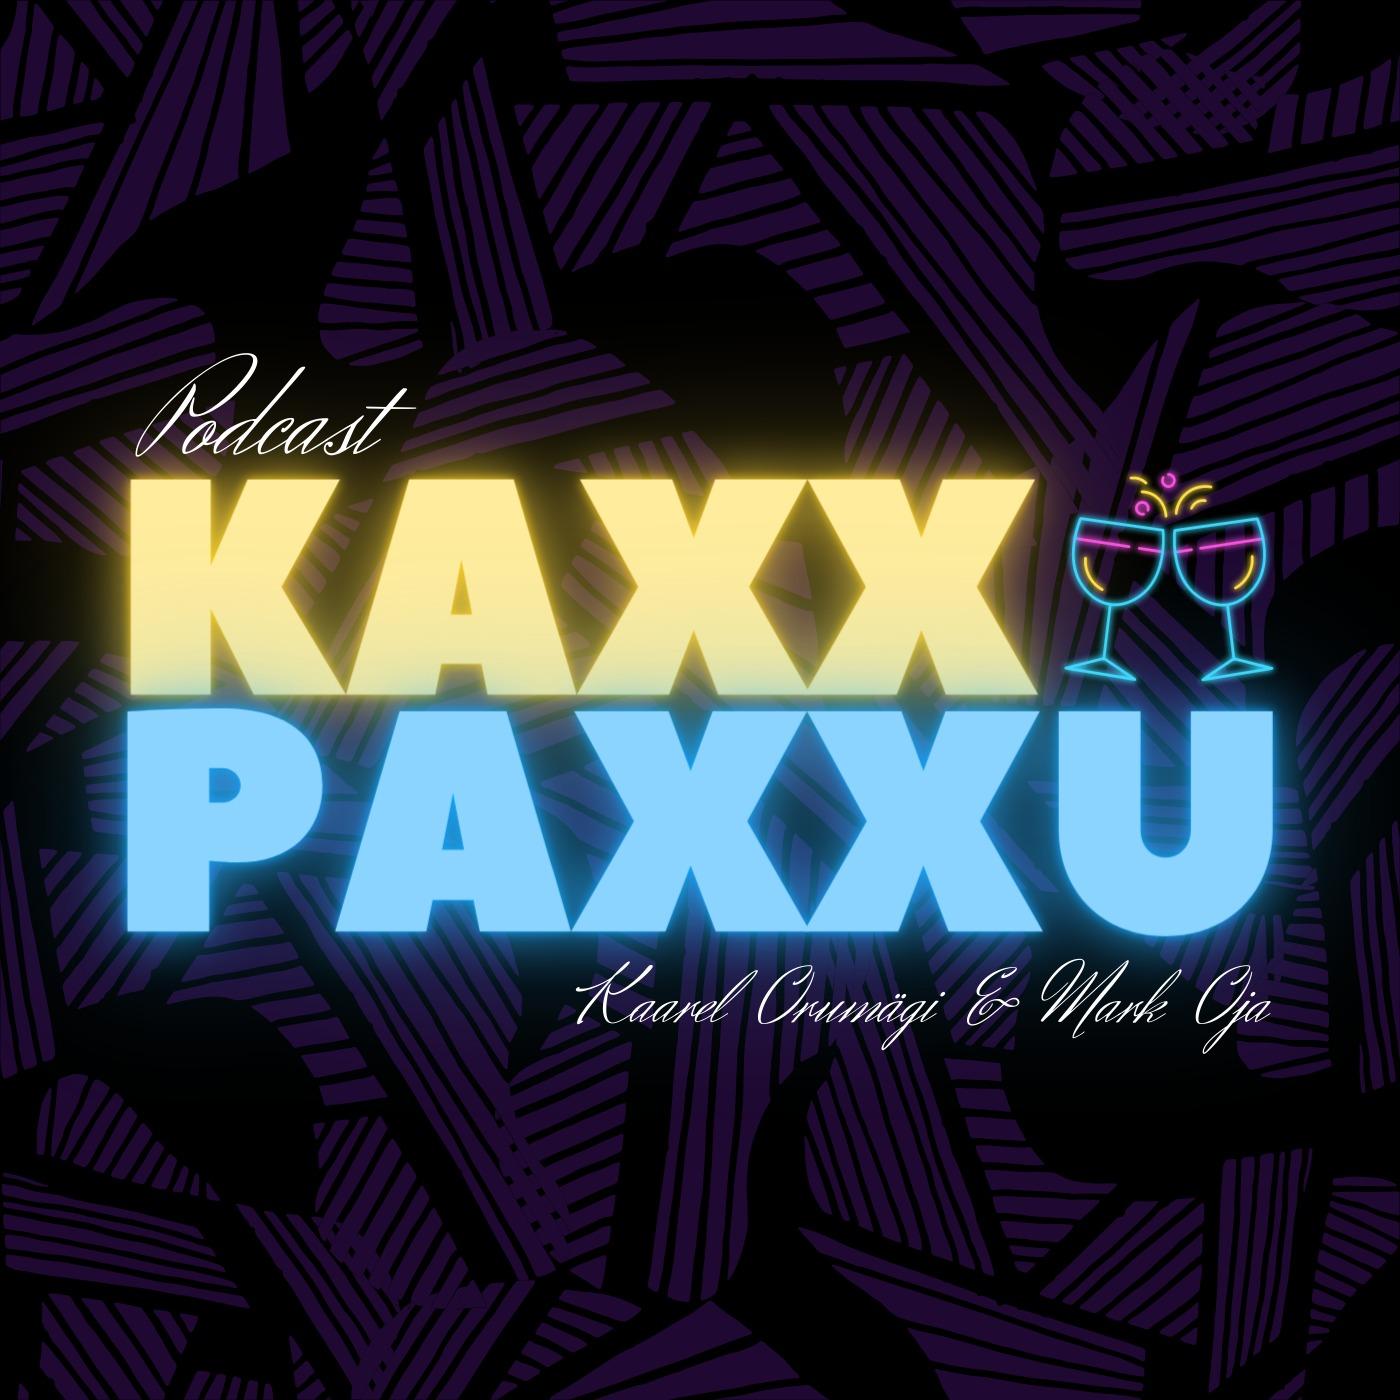 Kaxx Paxxu